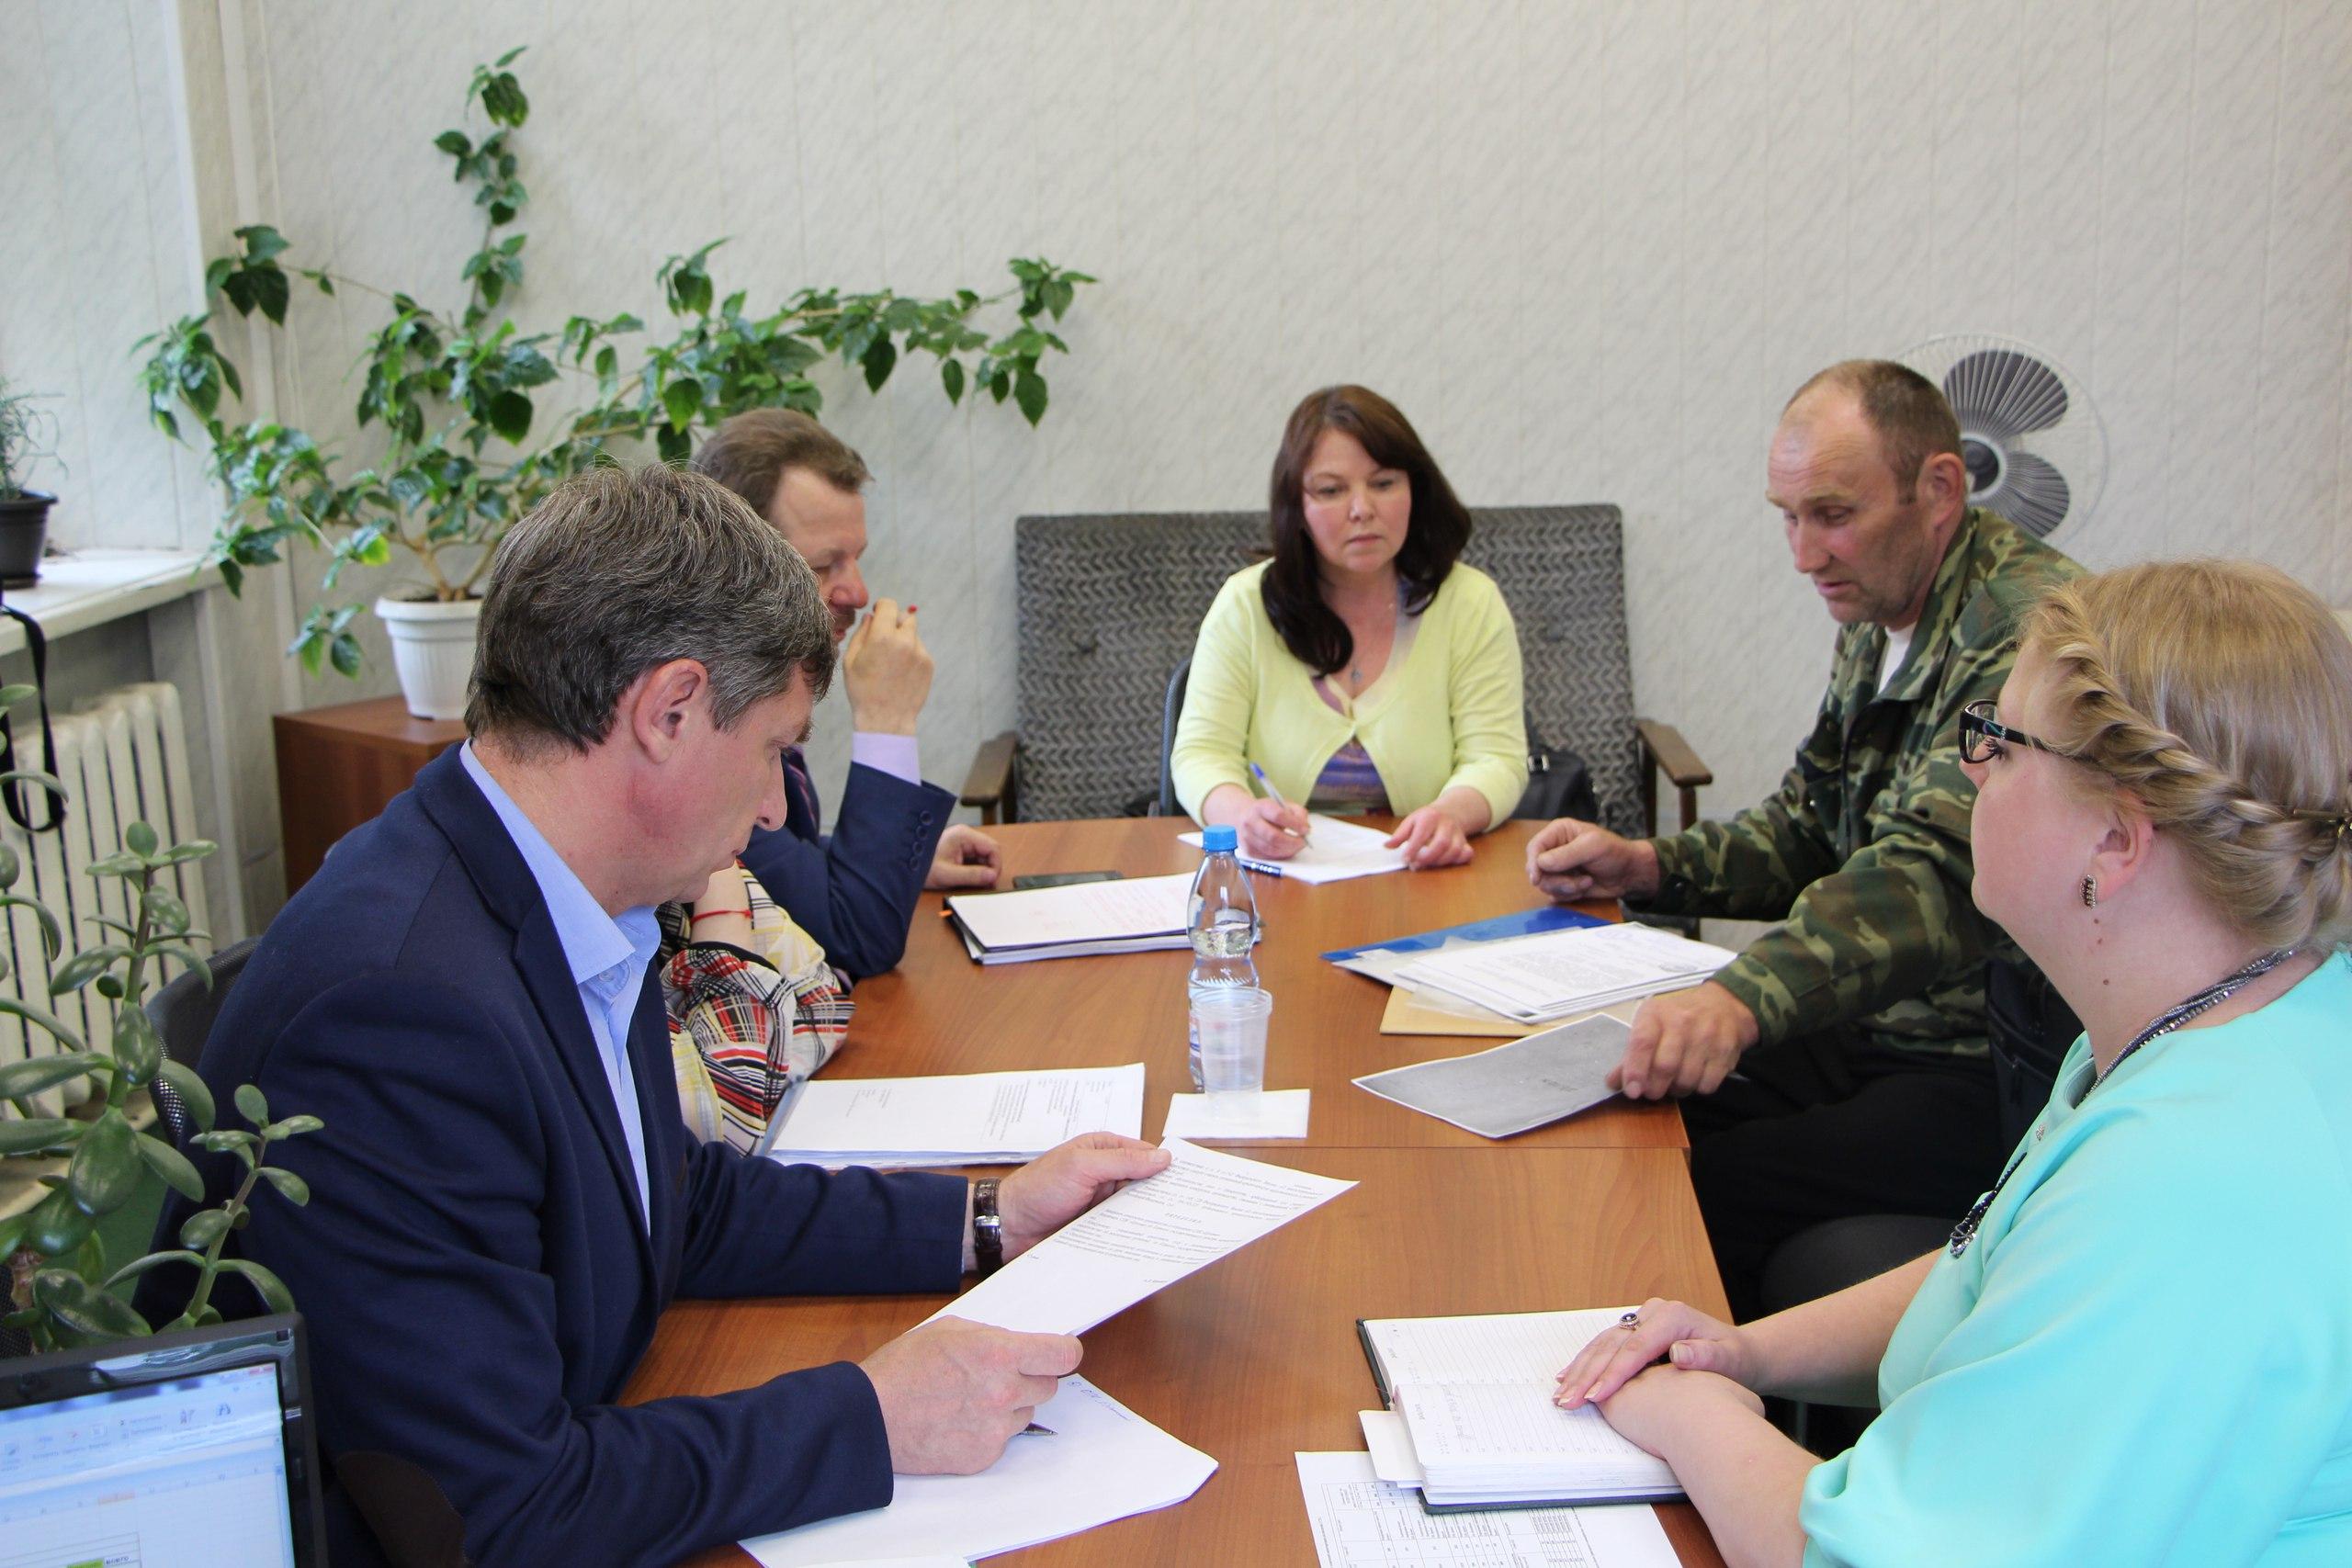 На Удоре в соответствии с рабочим планом находится заместитель министра имущественных и земельных отношений Республики Коми Андрей Майер